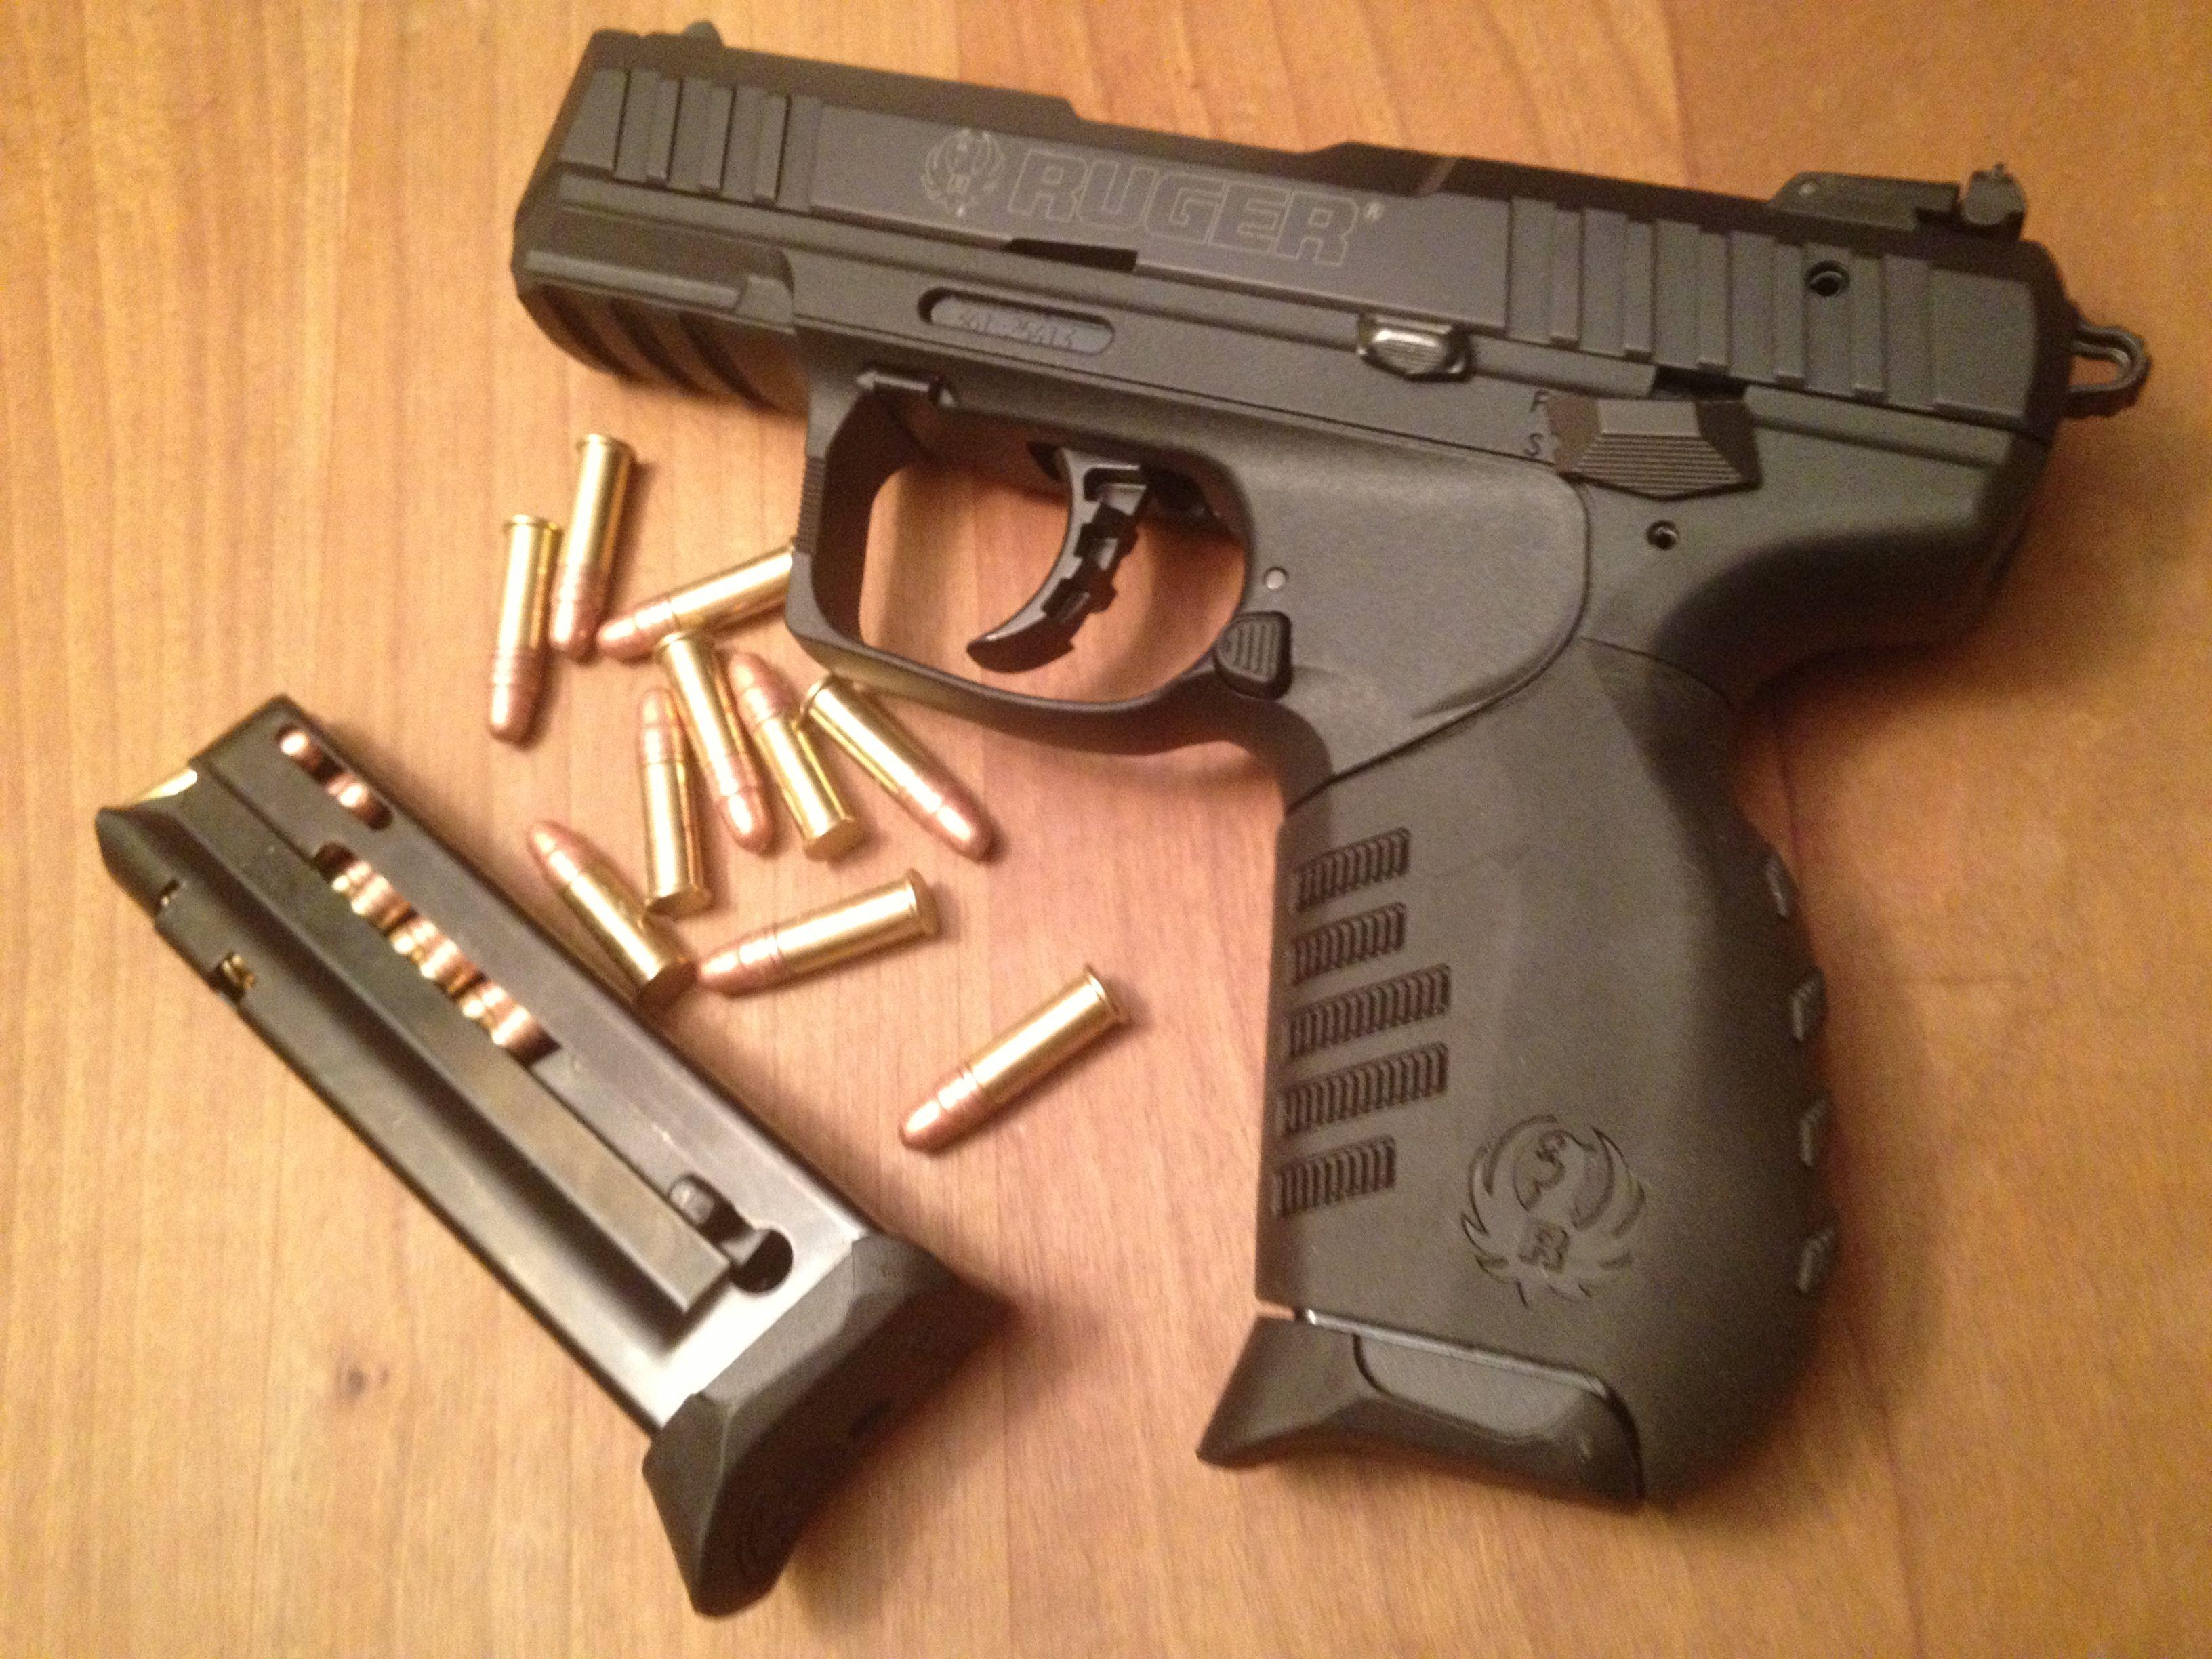 Ruger SR22 - I Love This Gun!